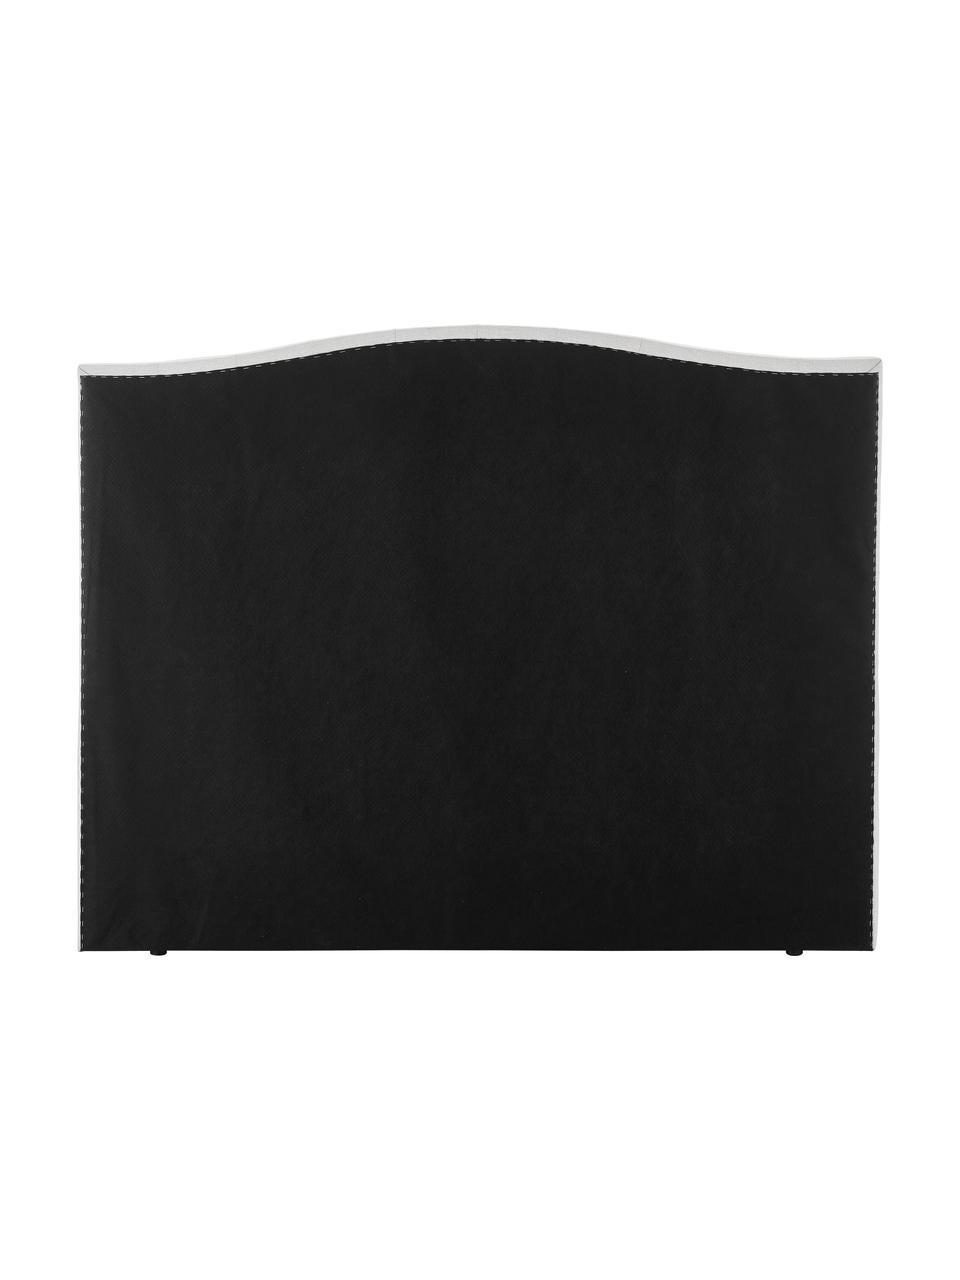 Letto Boxspring bianco-grigio con contenitore Premium Royal, Materasso: nucleo a 5 zone di molle , Piedini: legno di betulla massicci, Tessuto bianco-grigio chiaro, 200 x 200 cm